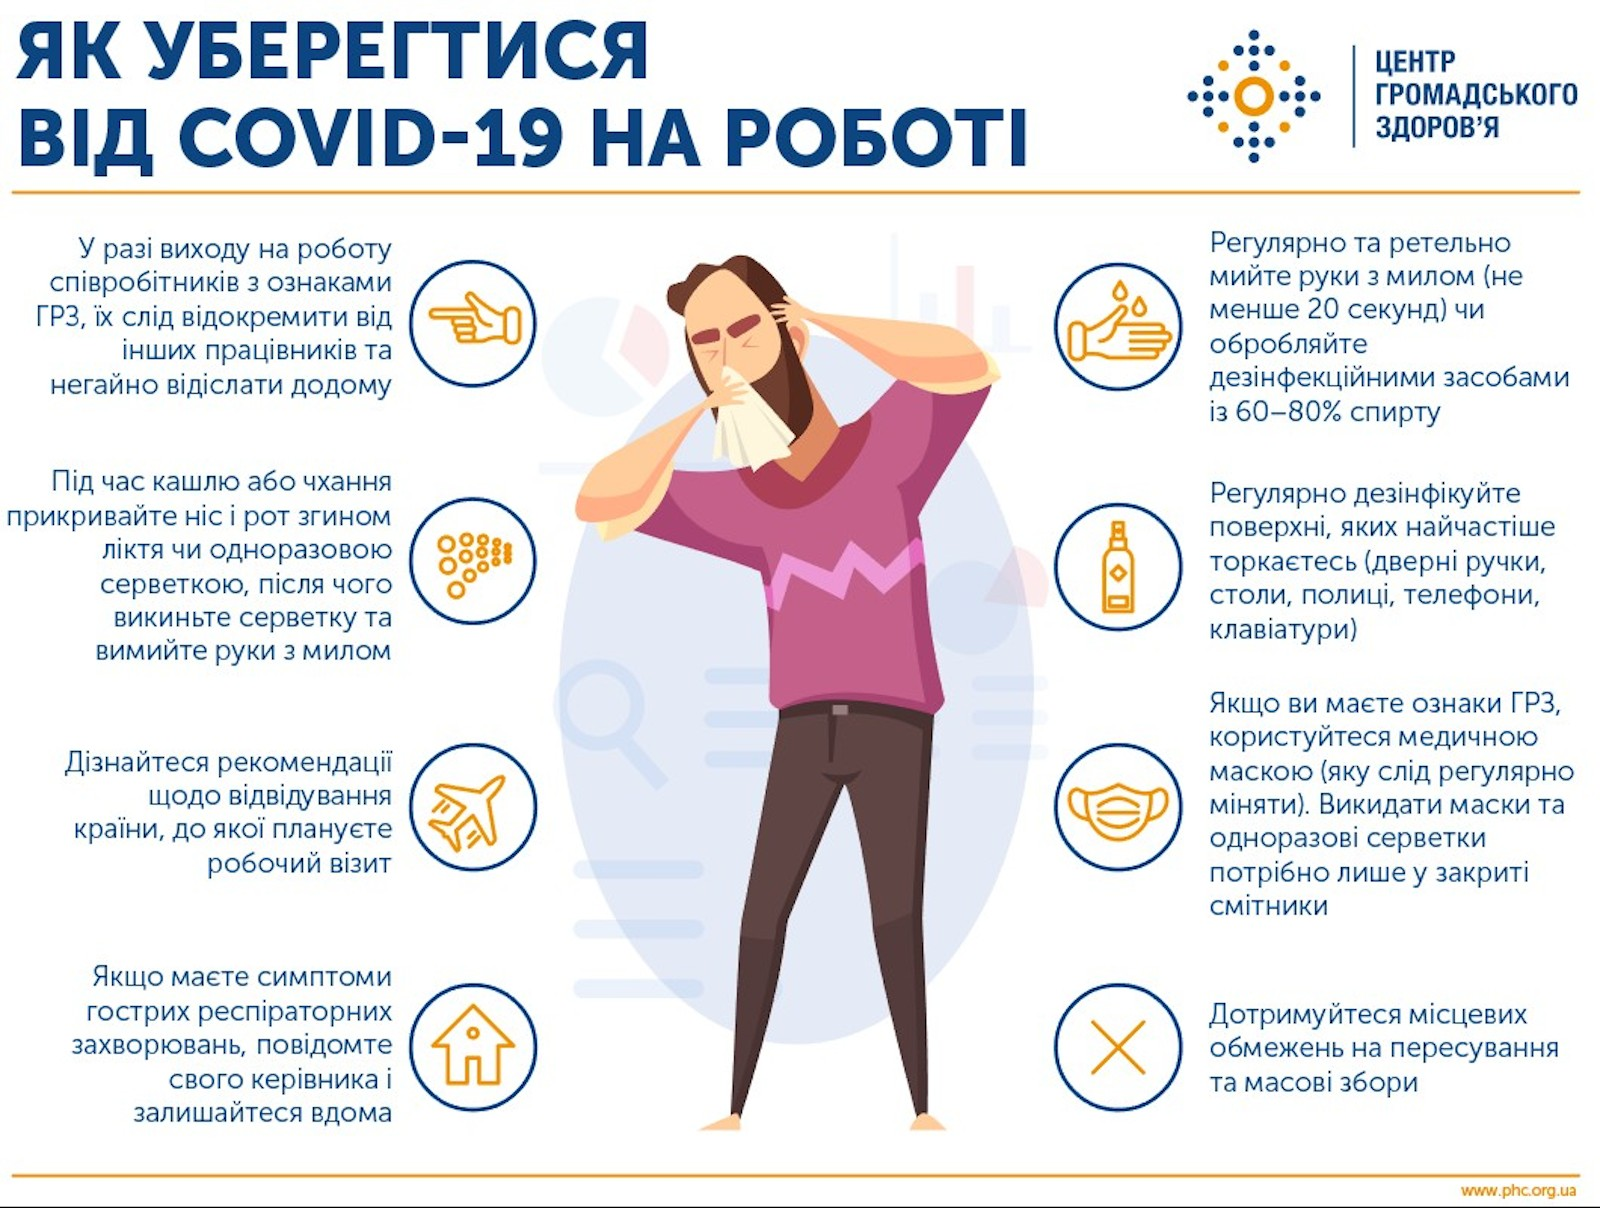 УВАГА! Короновірусна інфекція COVID-19! :: Міський лікувально-діагностичний центр м.Вінниця (МЛДЦ Вінниця)